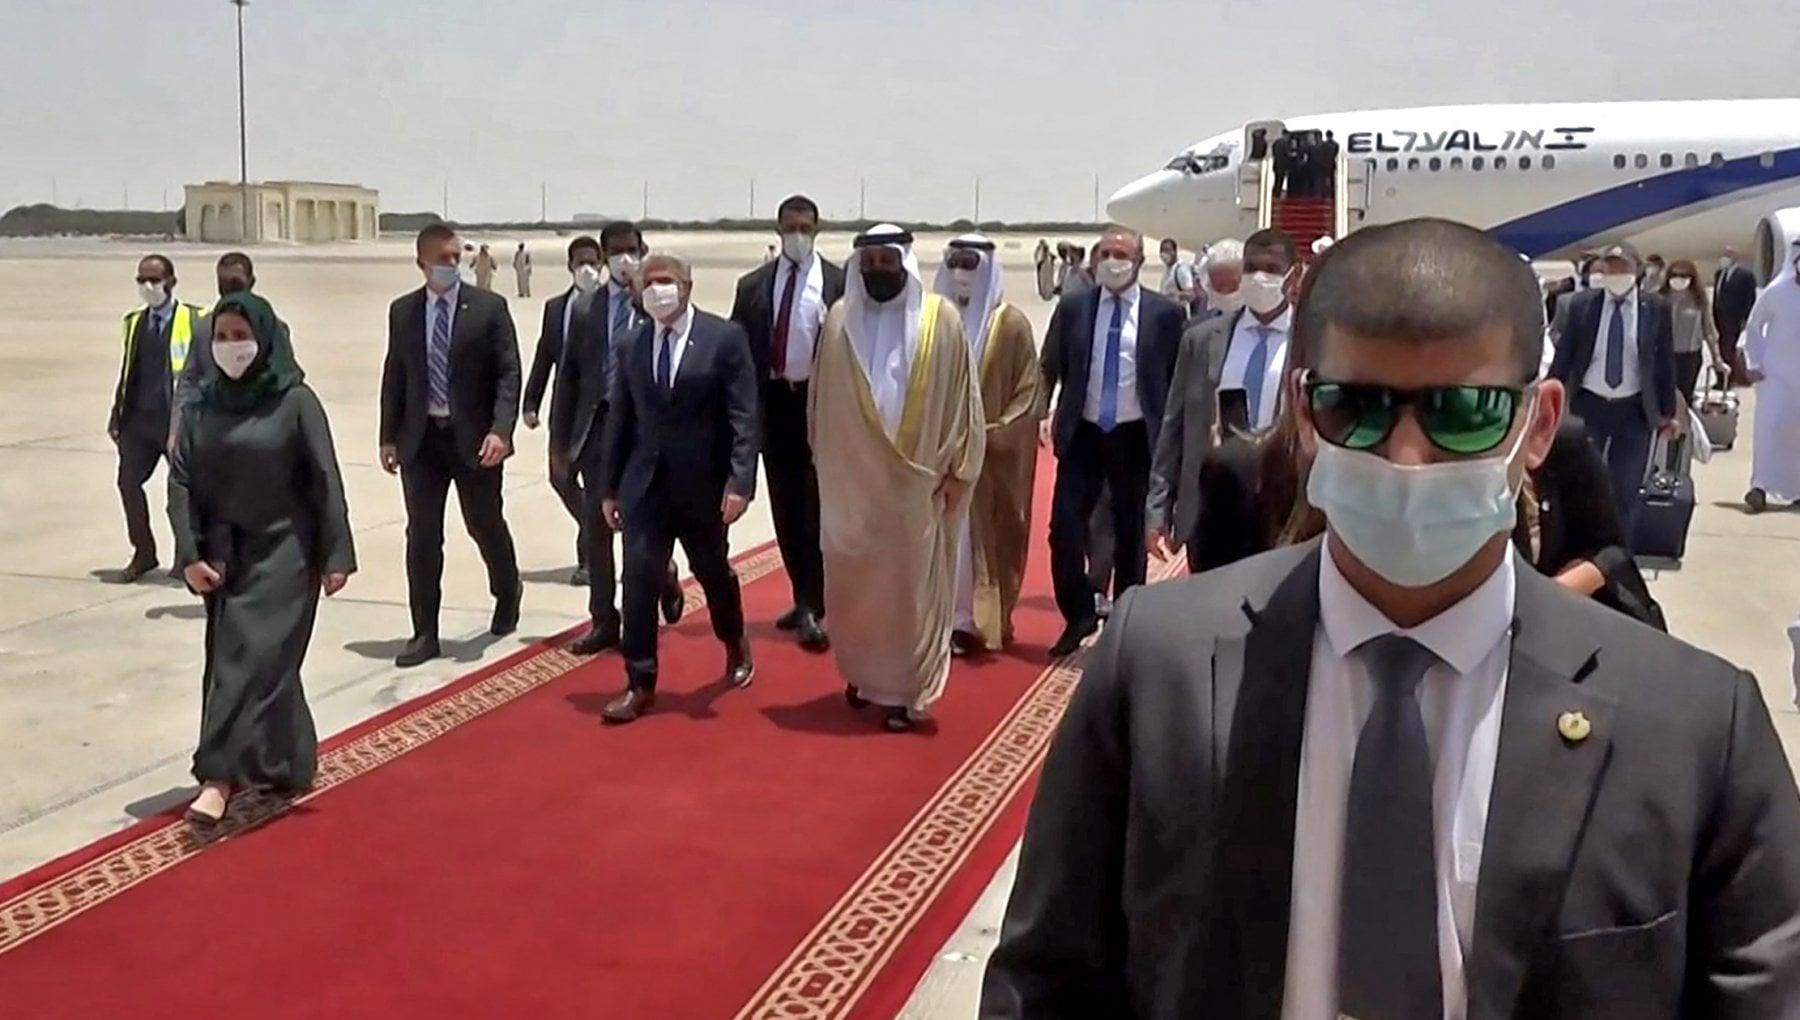 """123234639 8fa79ec7 a720 4a25 ac07 50c2325c1a70 - Israele, il ministro degli Esteri Lapid negli Emirati Arabi Uniti: """"Stiamo facendo la storia"""""""